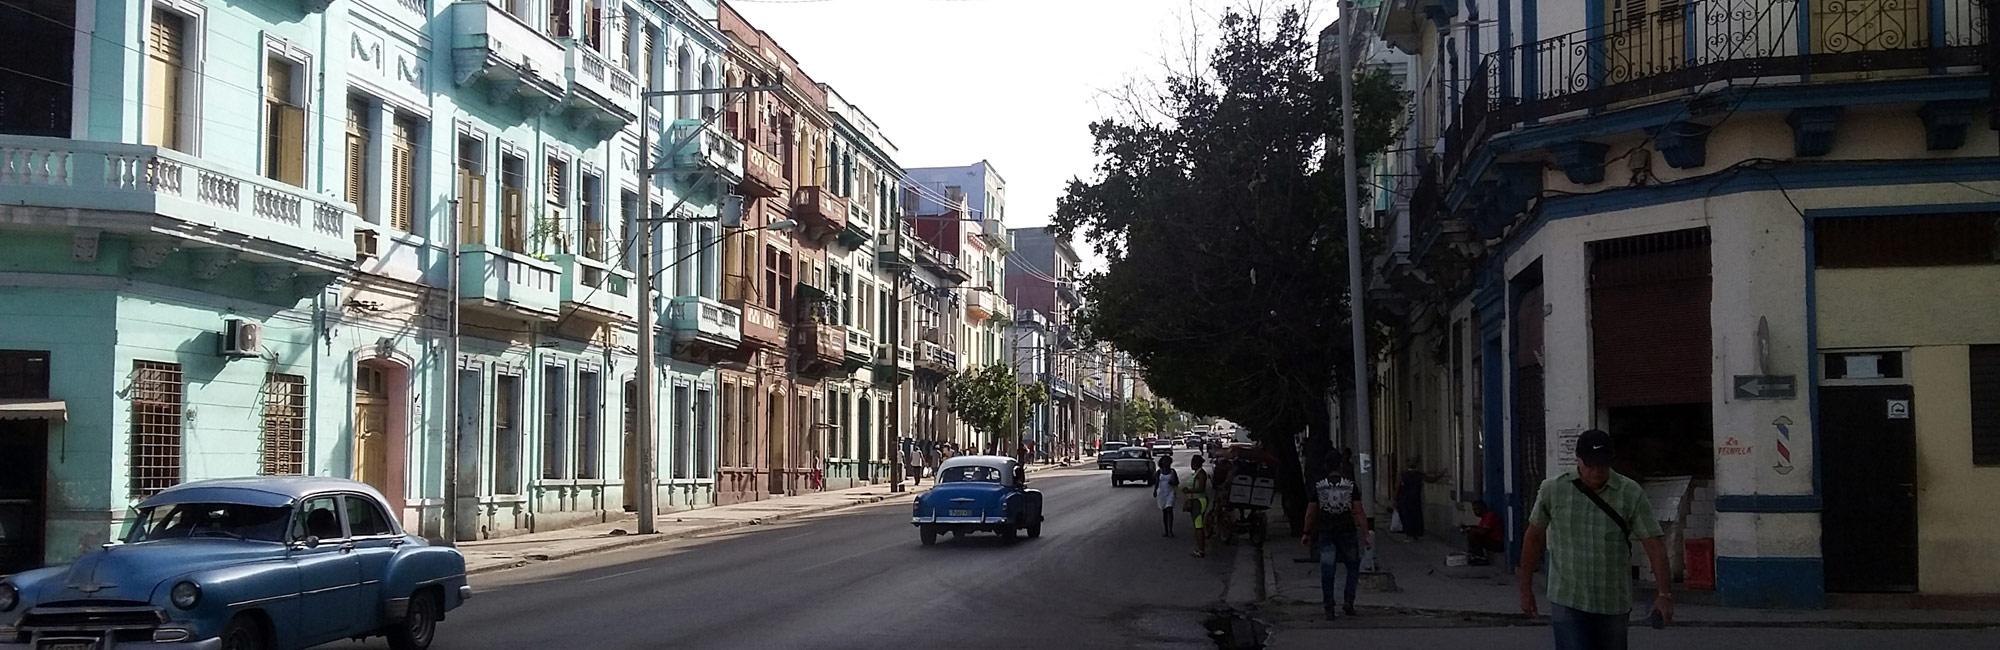 Cuba - eine echte Bereicherung!